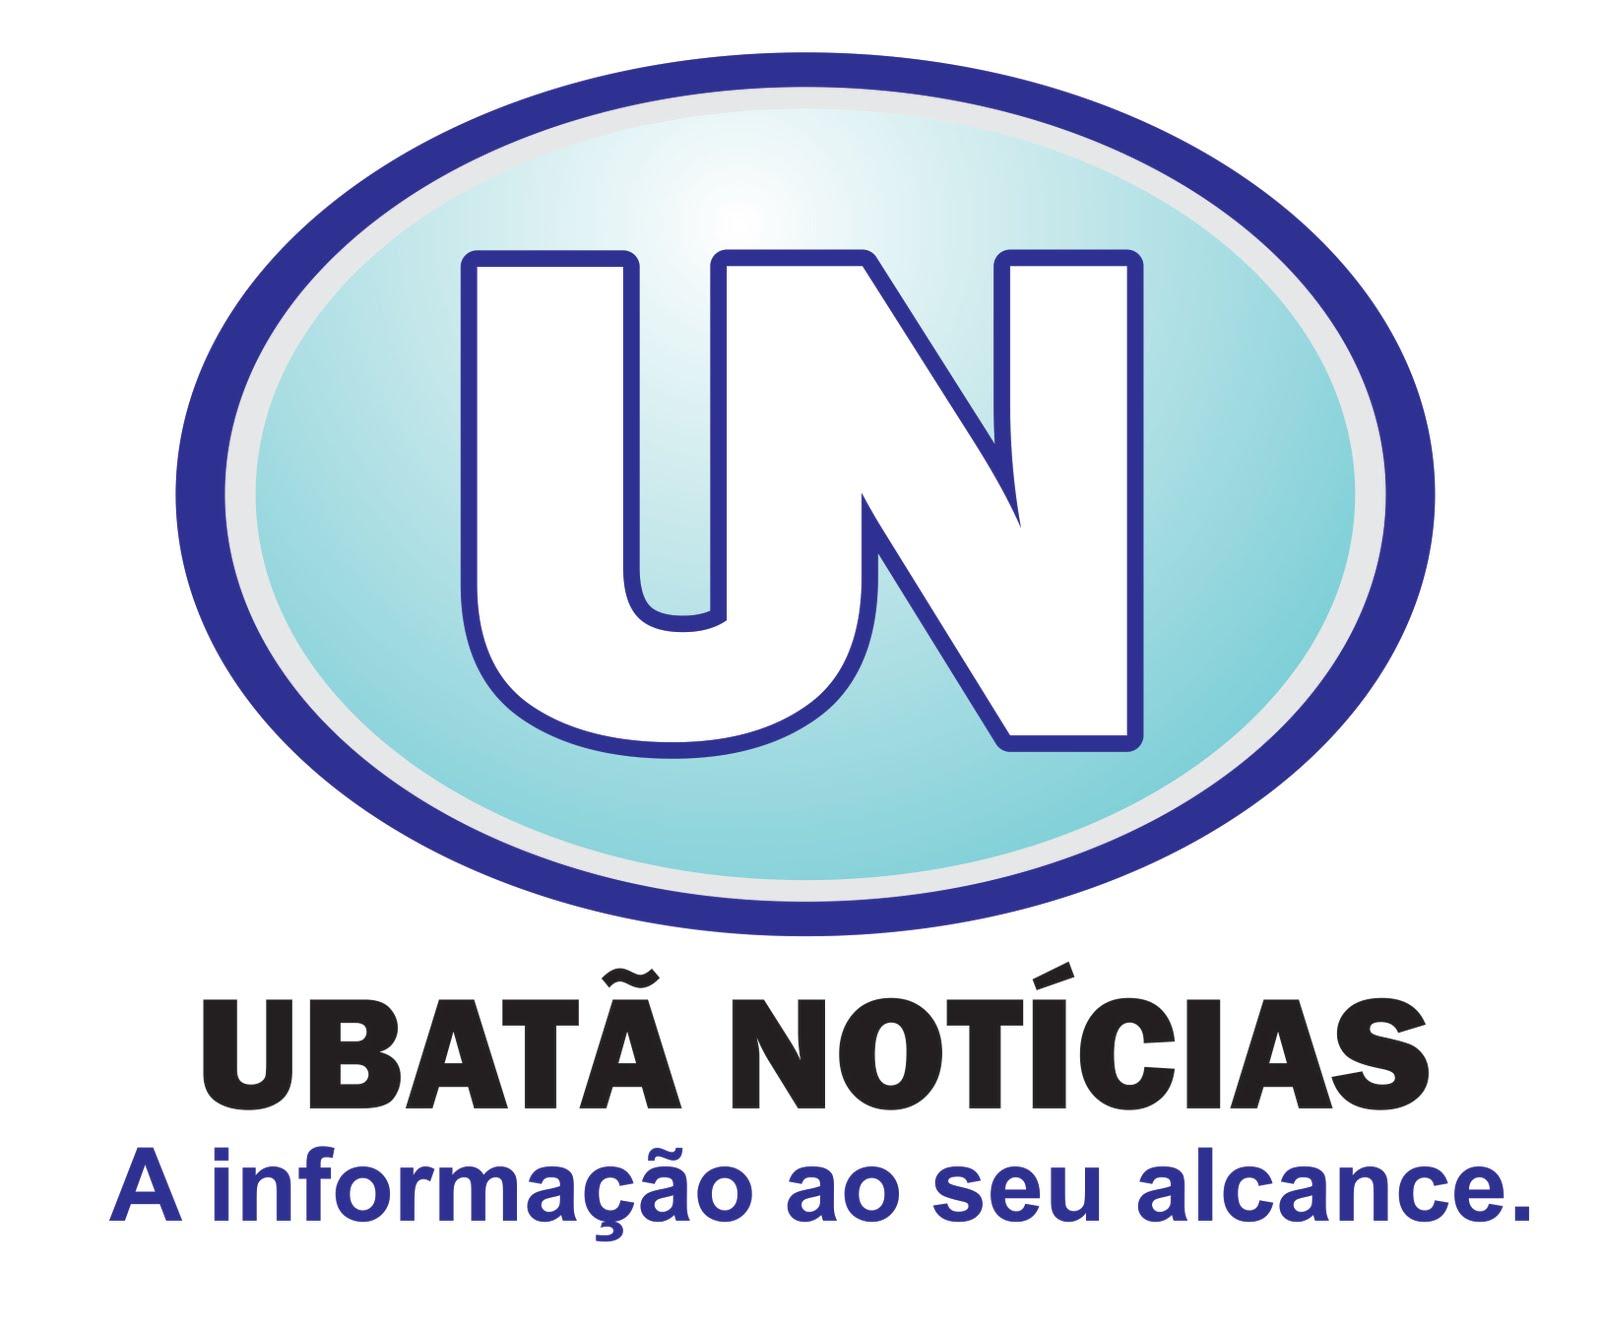 http://3.bp.blogspot.com/_334d60fUBmw/TP2wg4I45DI/AAAAAAAABtQ/bTPINeX3kaM/s1600/Logo%2B10.jpg